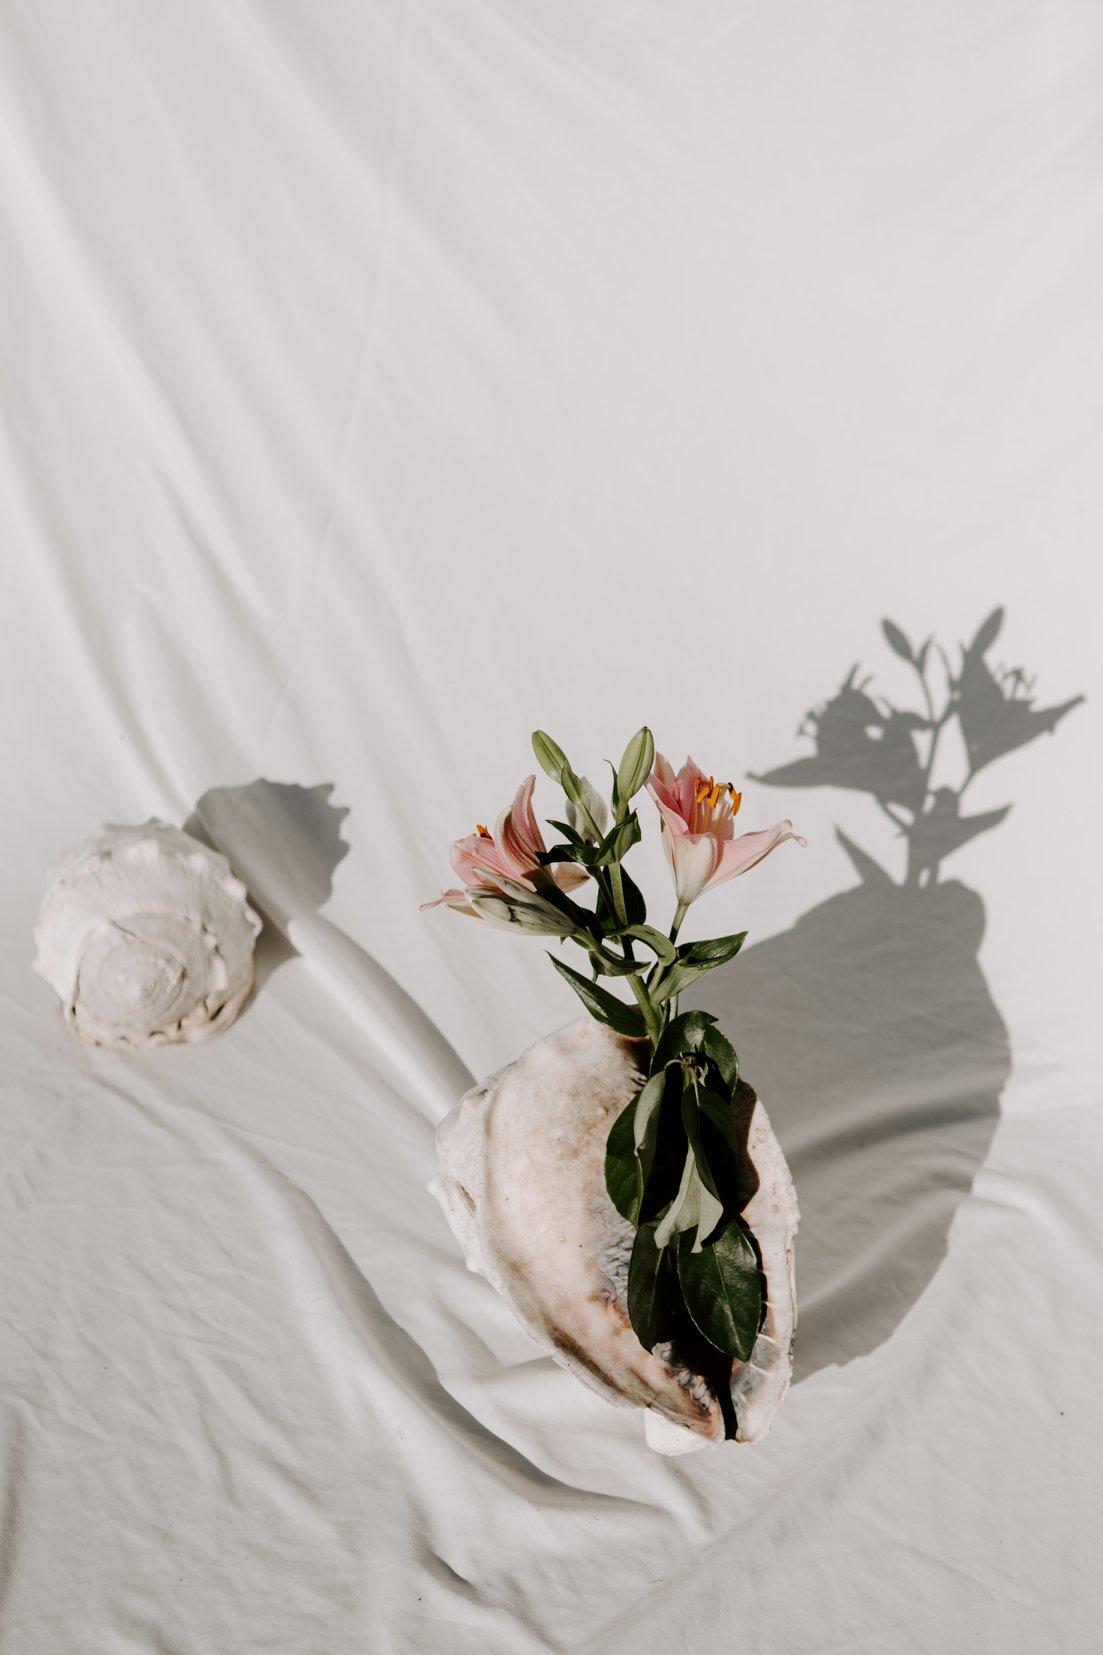 still life seashell flowers natural light fine art pink white